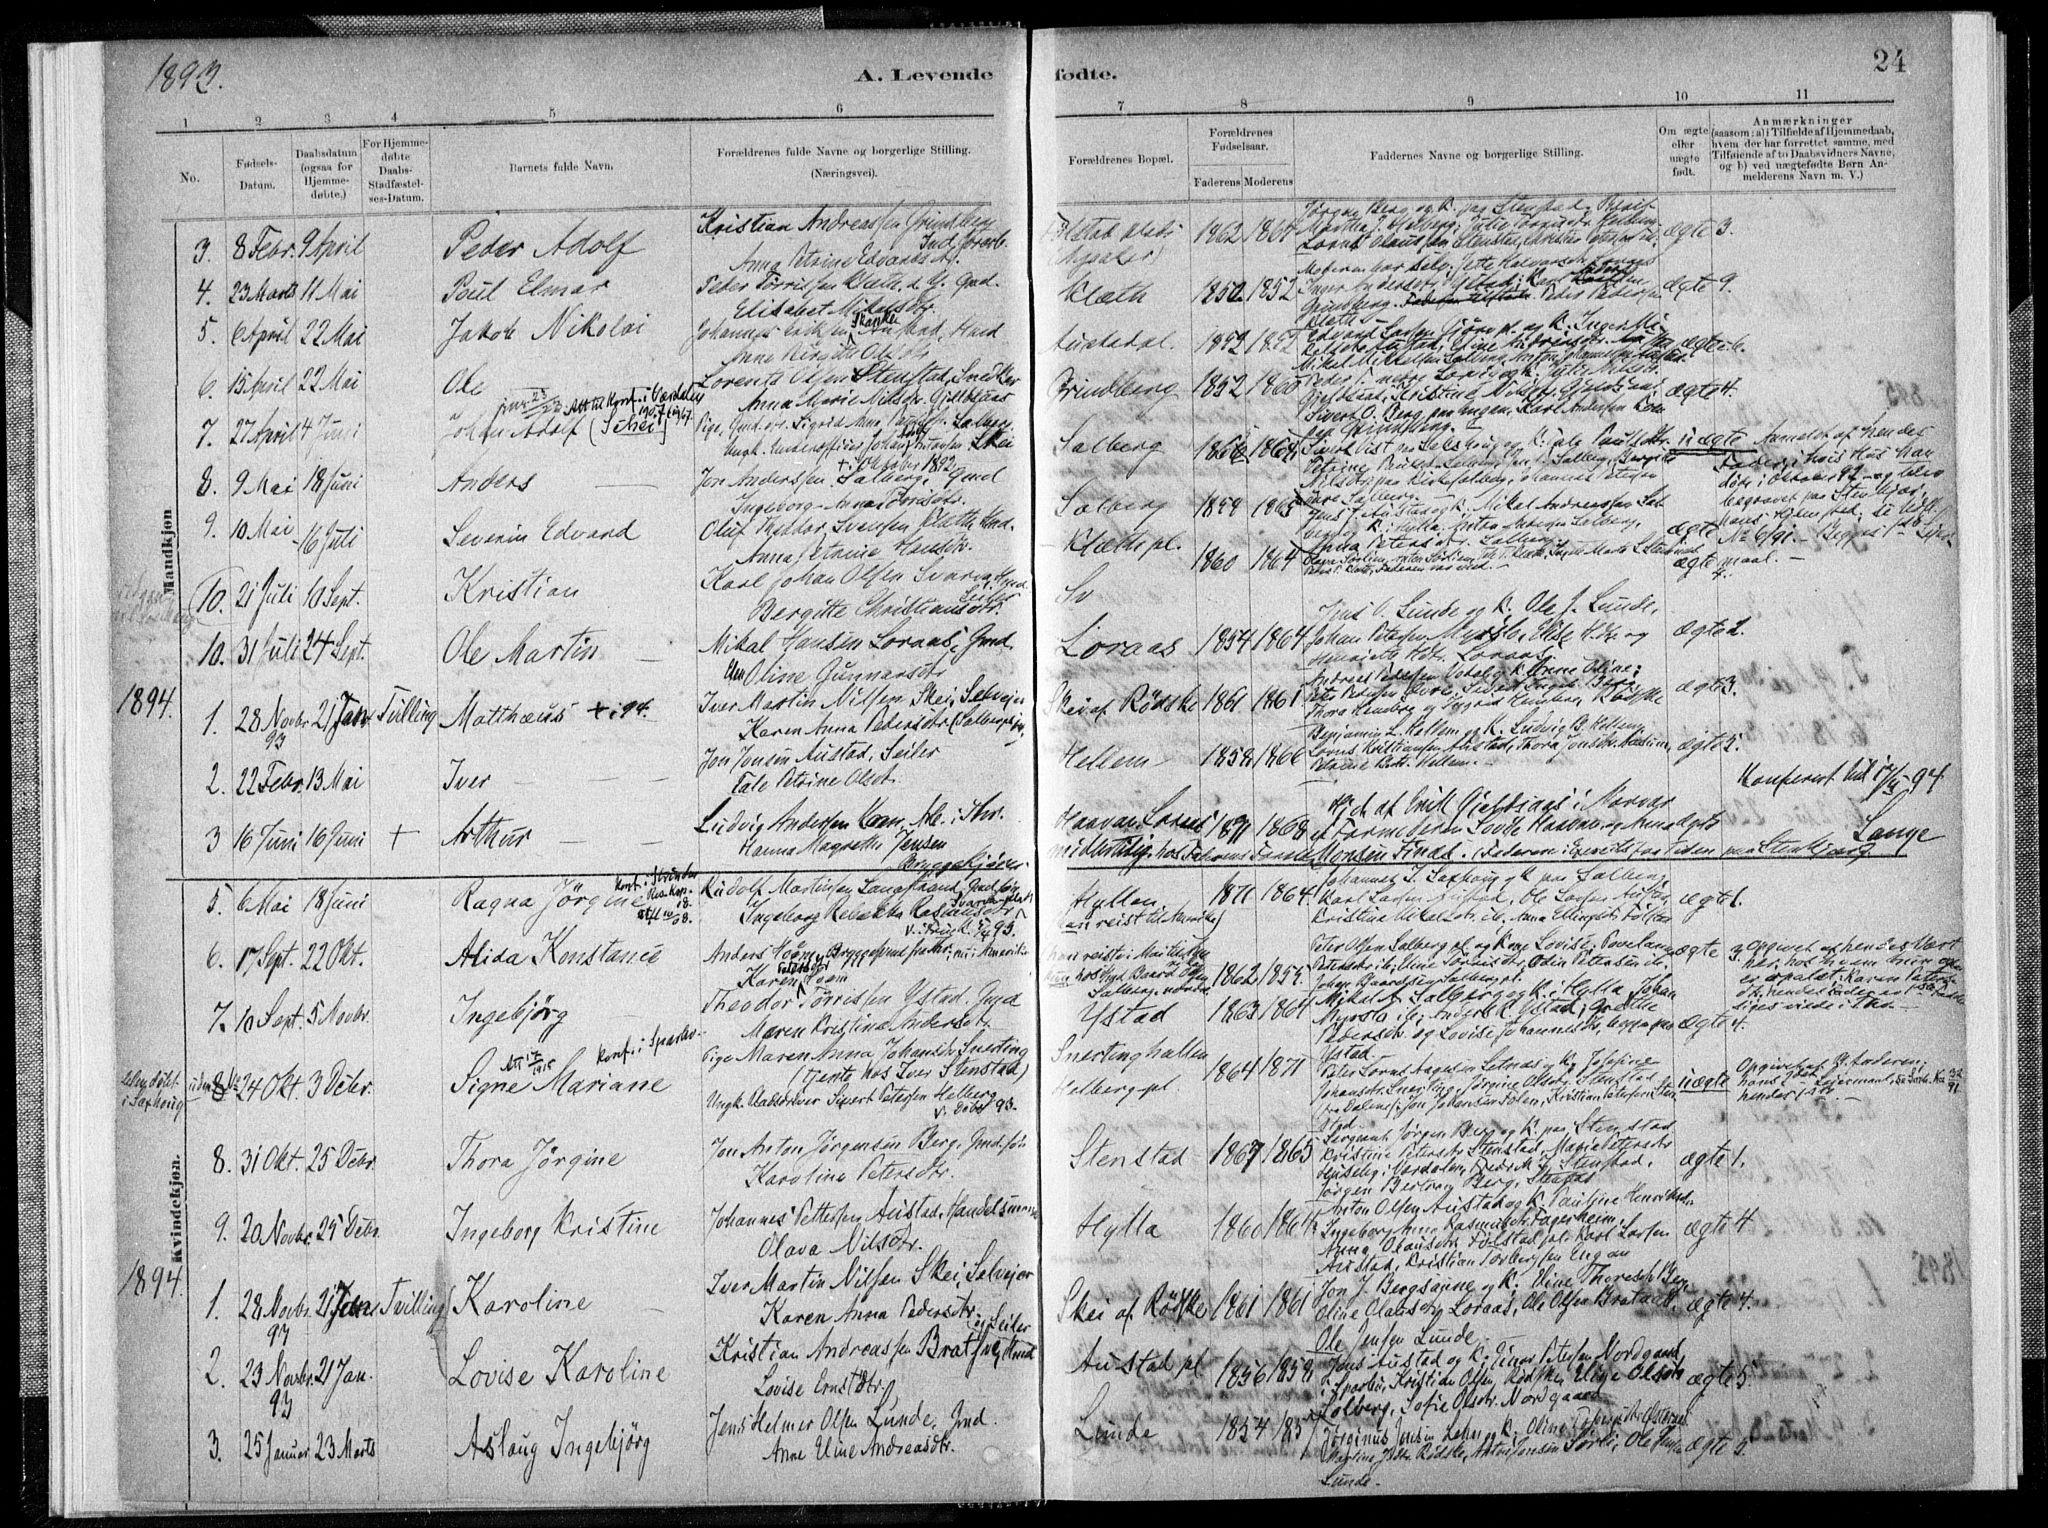 SAT, Ministerialprotokoller, klokkerbøker og fødselsregistre - Nord-Trøndelag, 731/L0309: Ministerialbok nr. 731A01, 1879-1918, s. 24